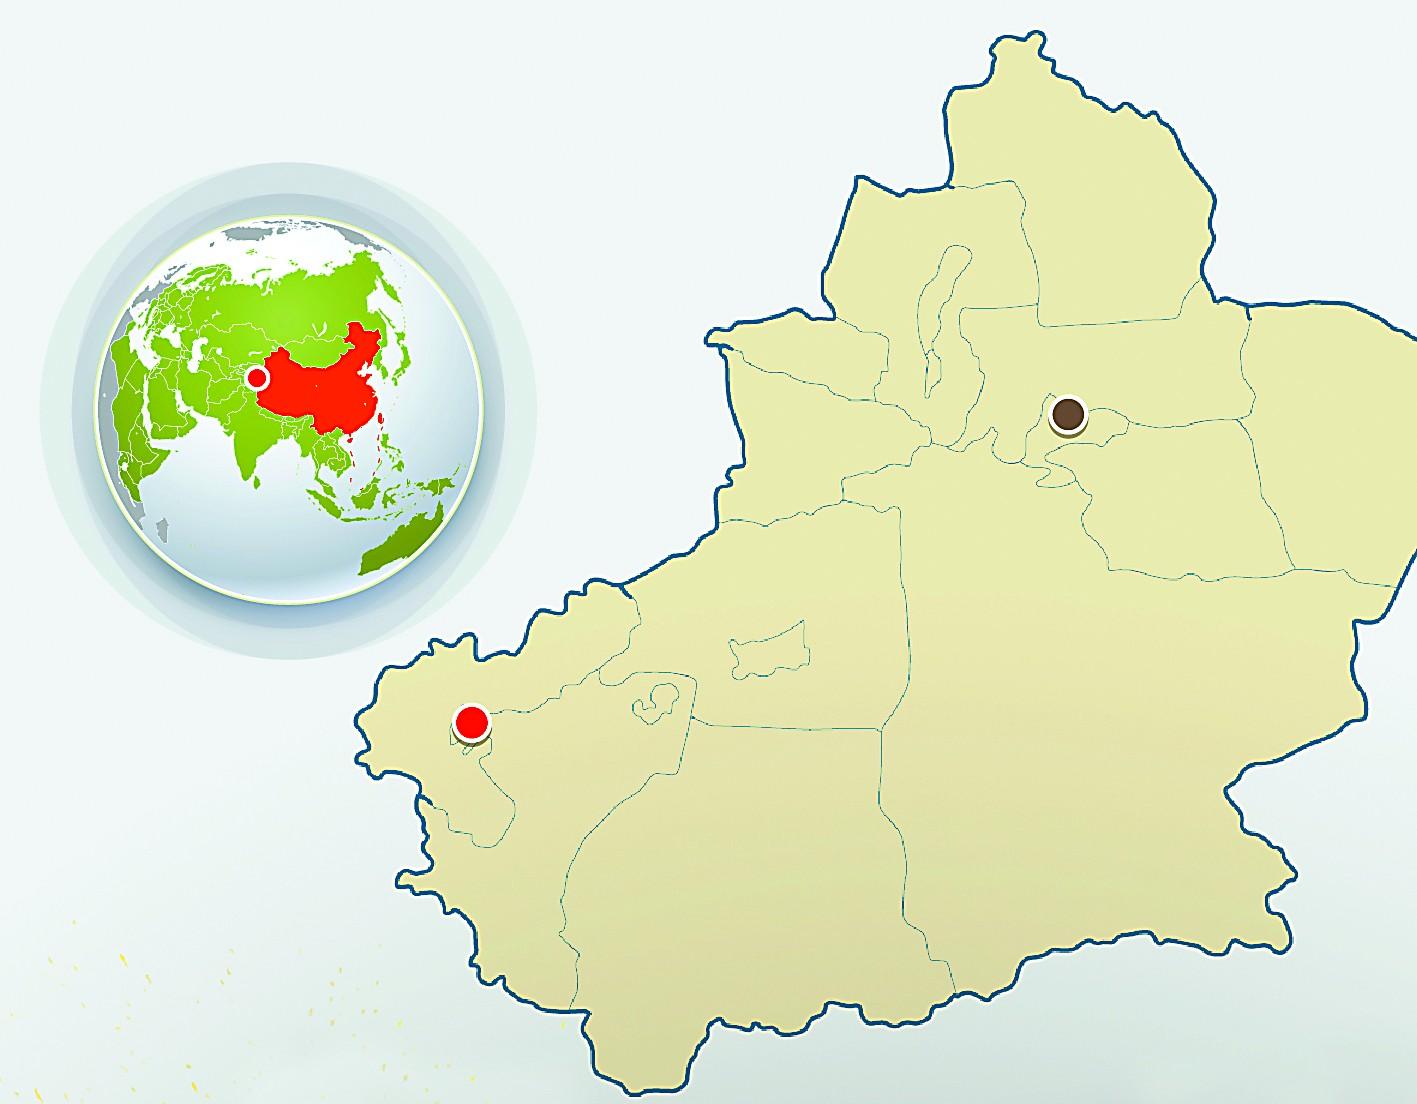 中亚地图手绘简图